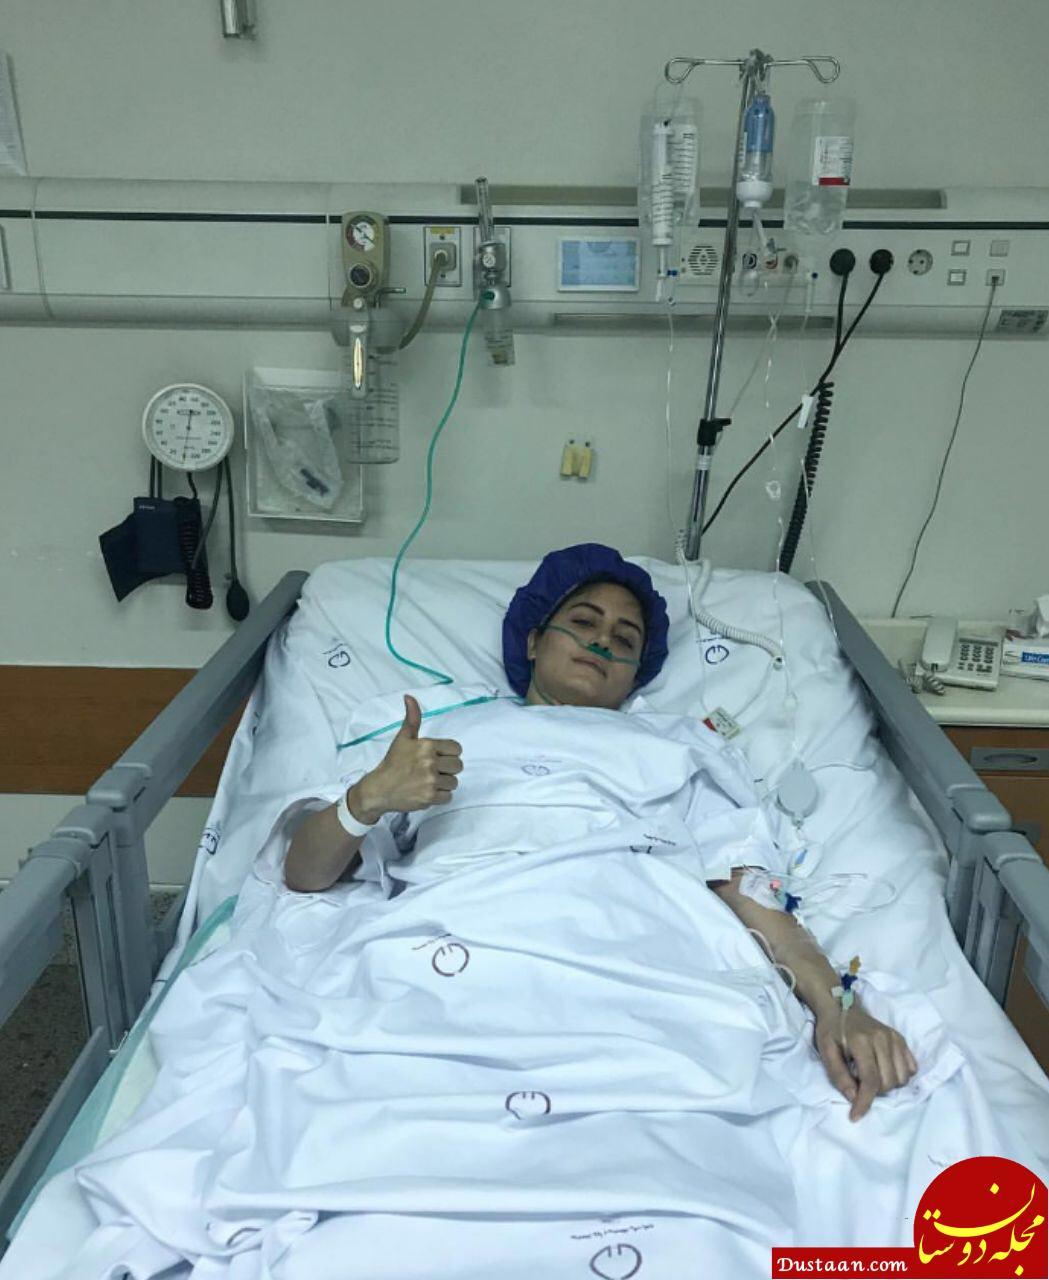 www.dustaan.com الناز شاکردوست روی تخت بیمارستان +عکس